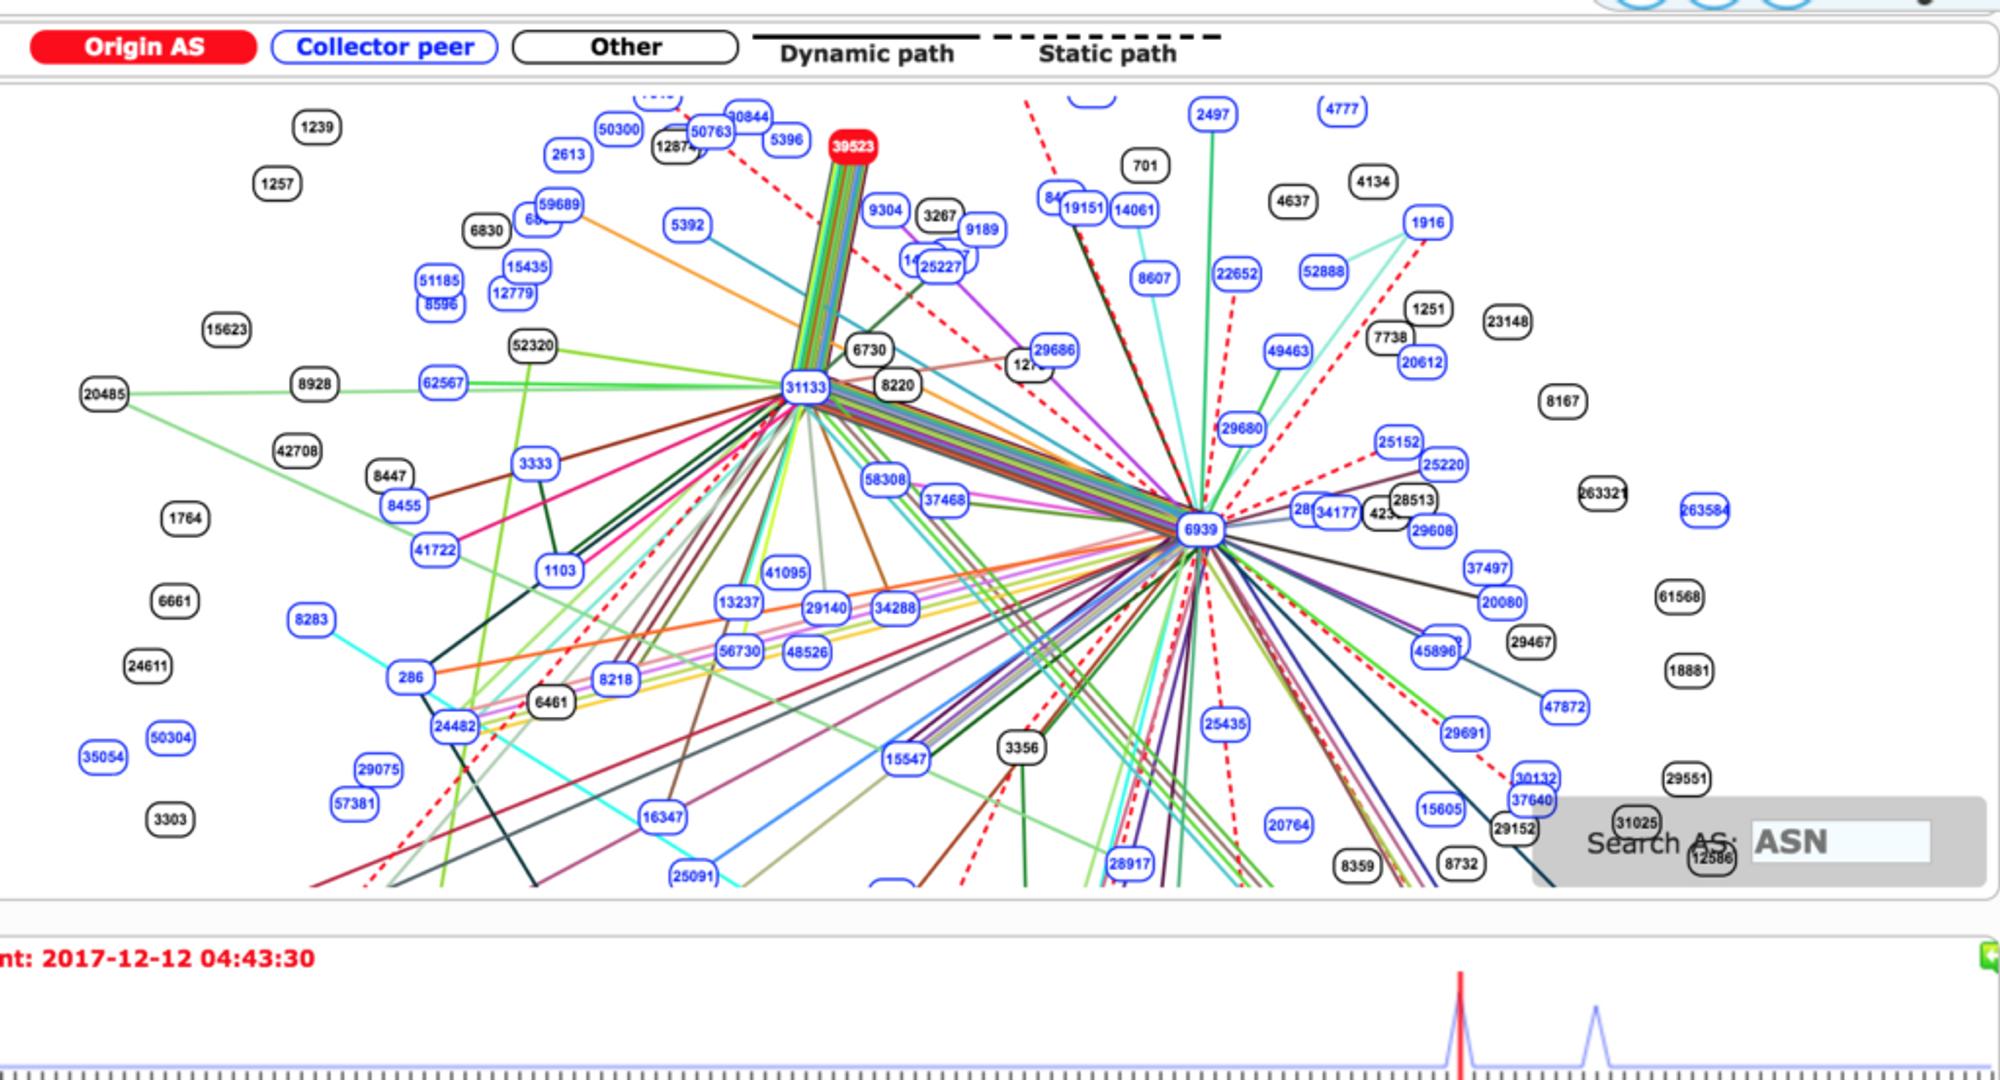 Øyeblikksbilde som viser at mye av trafikken blir rutet til det lite brukte, russiske AS-en (Autonomous System) 39523, som er knyttet AS-en 31133, den russiske mobiloperatøren PJSC MegaFon.